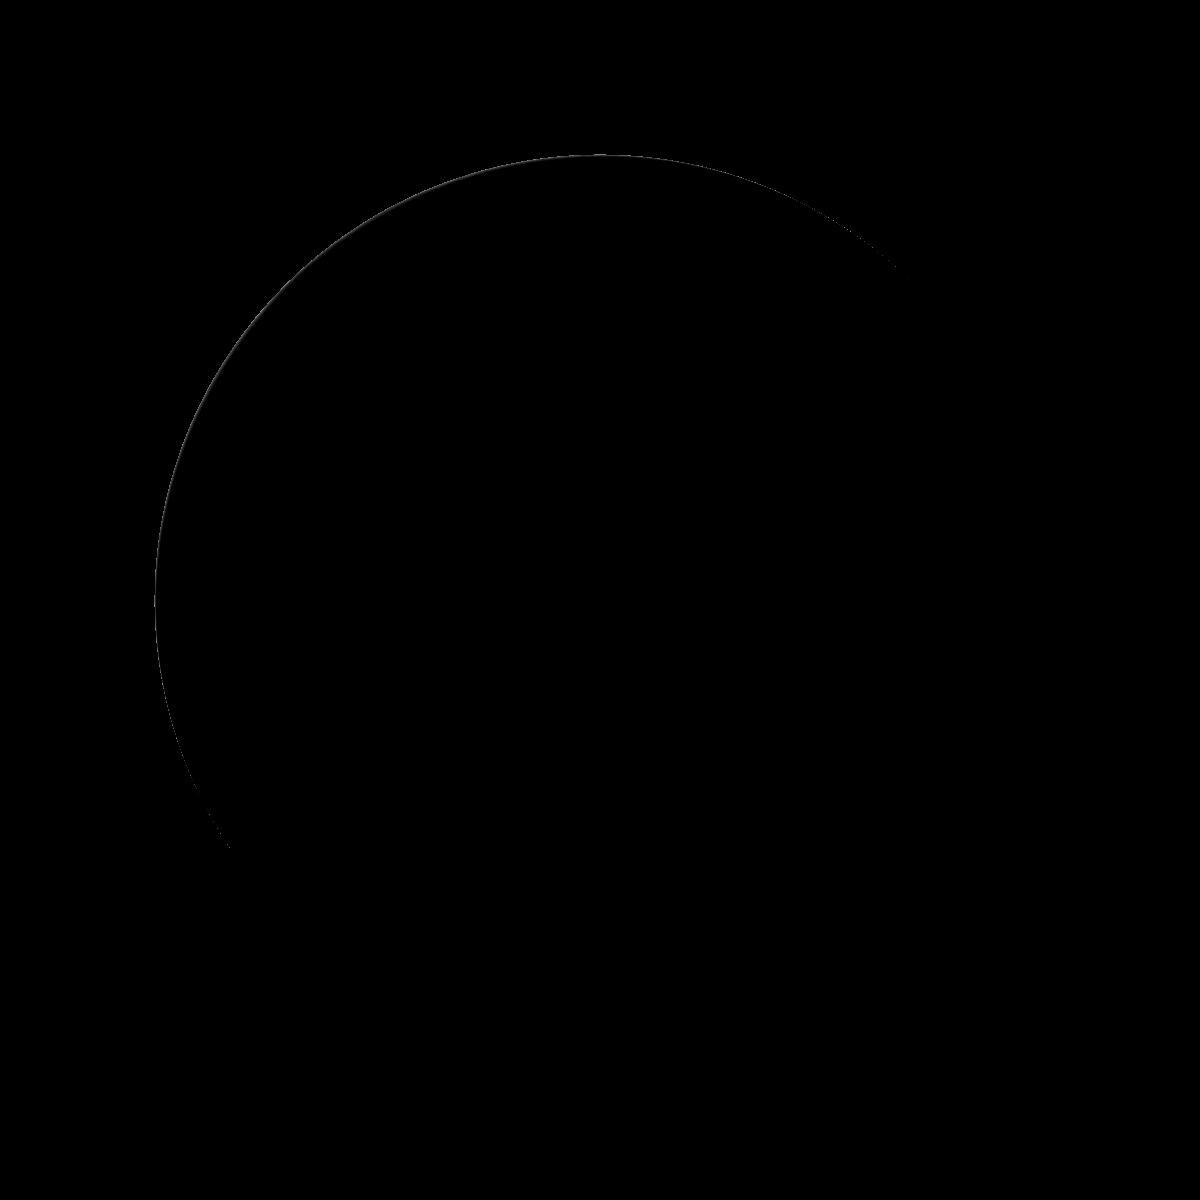 Lune du 23 février 2020